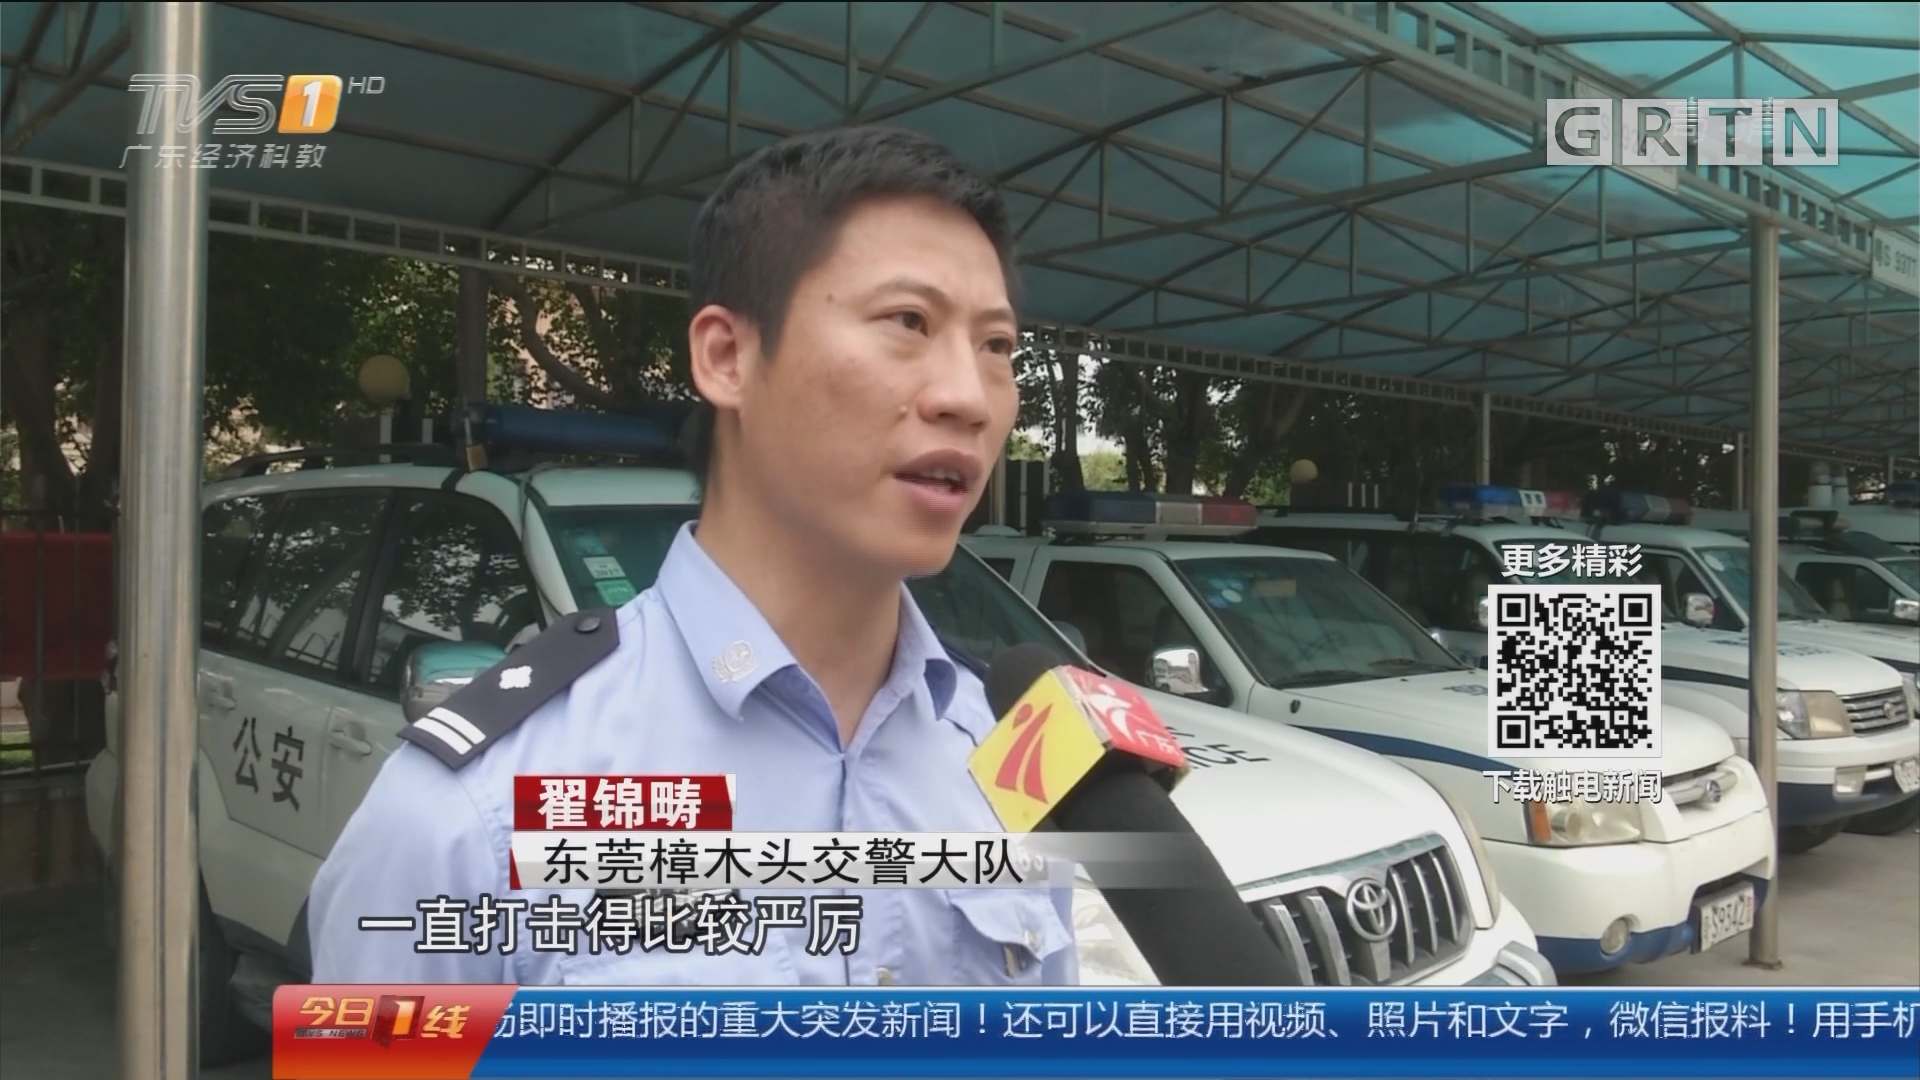 东莞樟木头:夜查泥头车超载 司机全部弃车逃逸